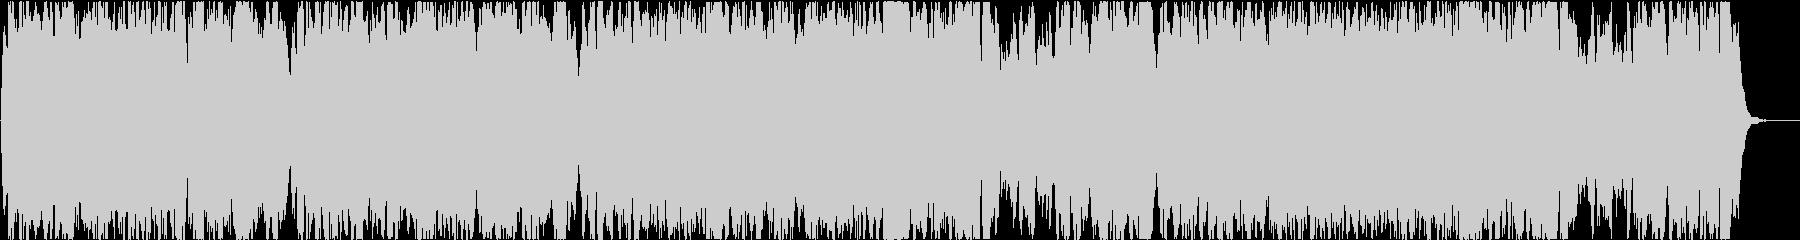 バッハの曲のクラシックアレンジの未再生の波形